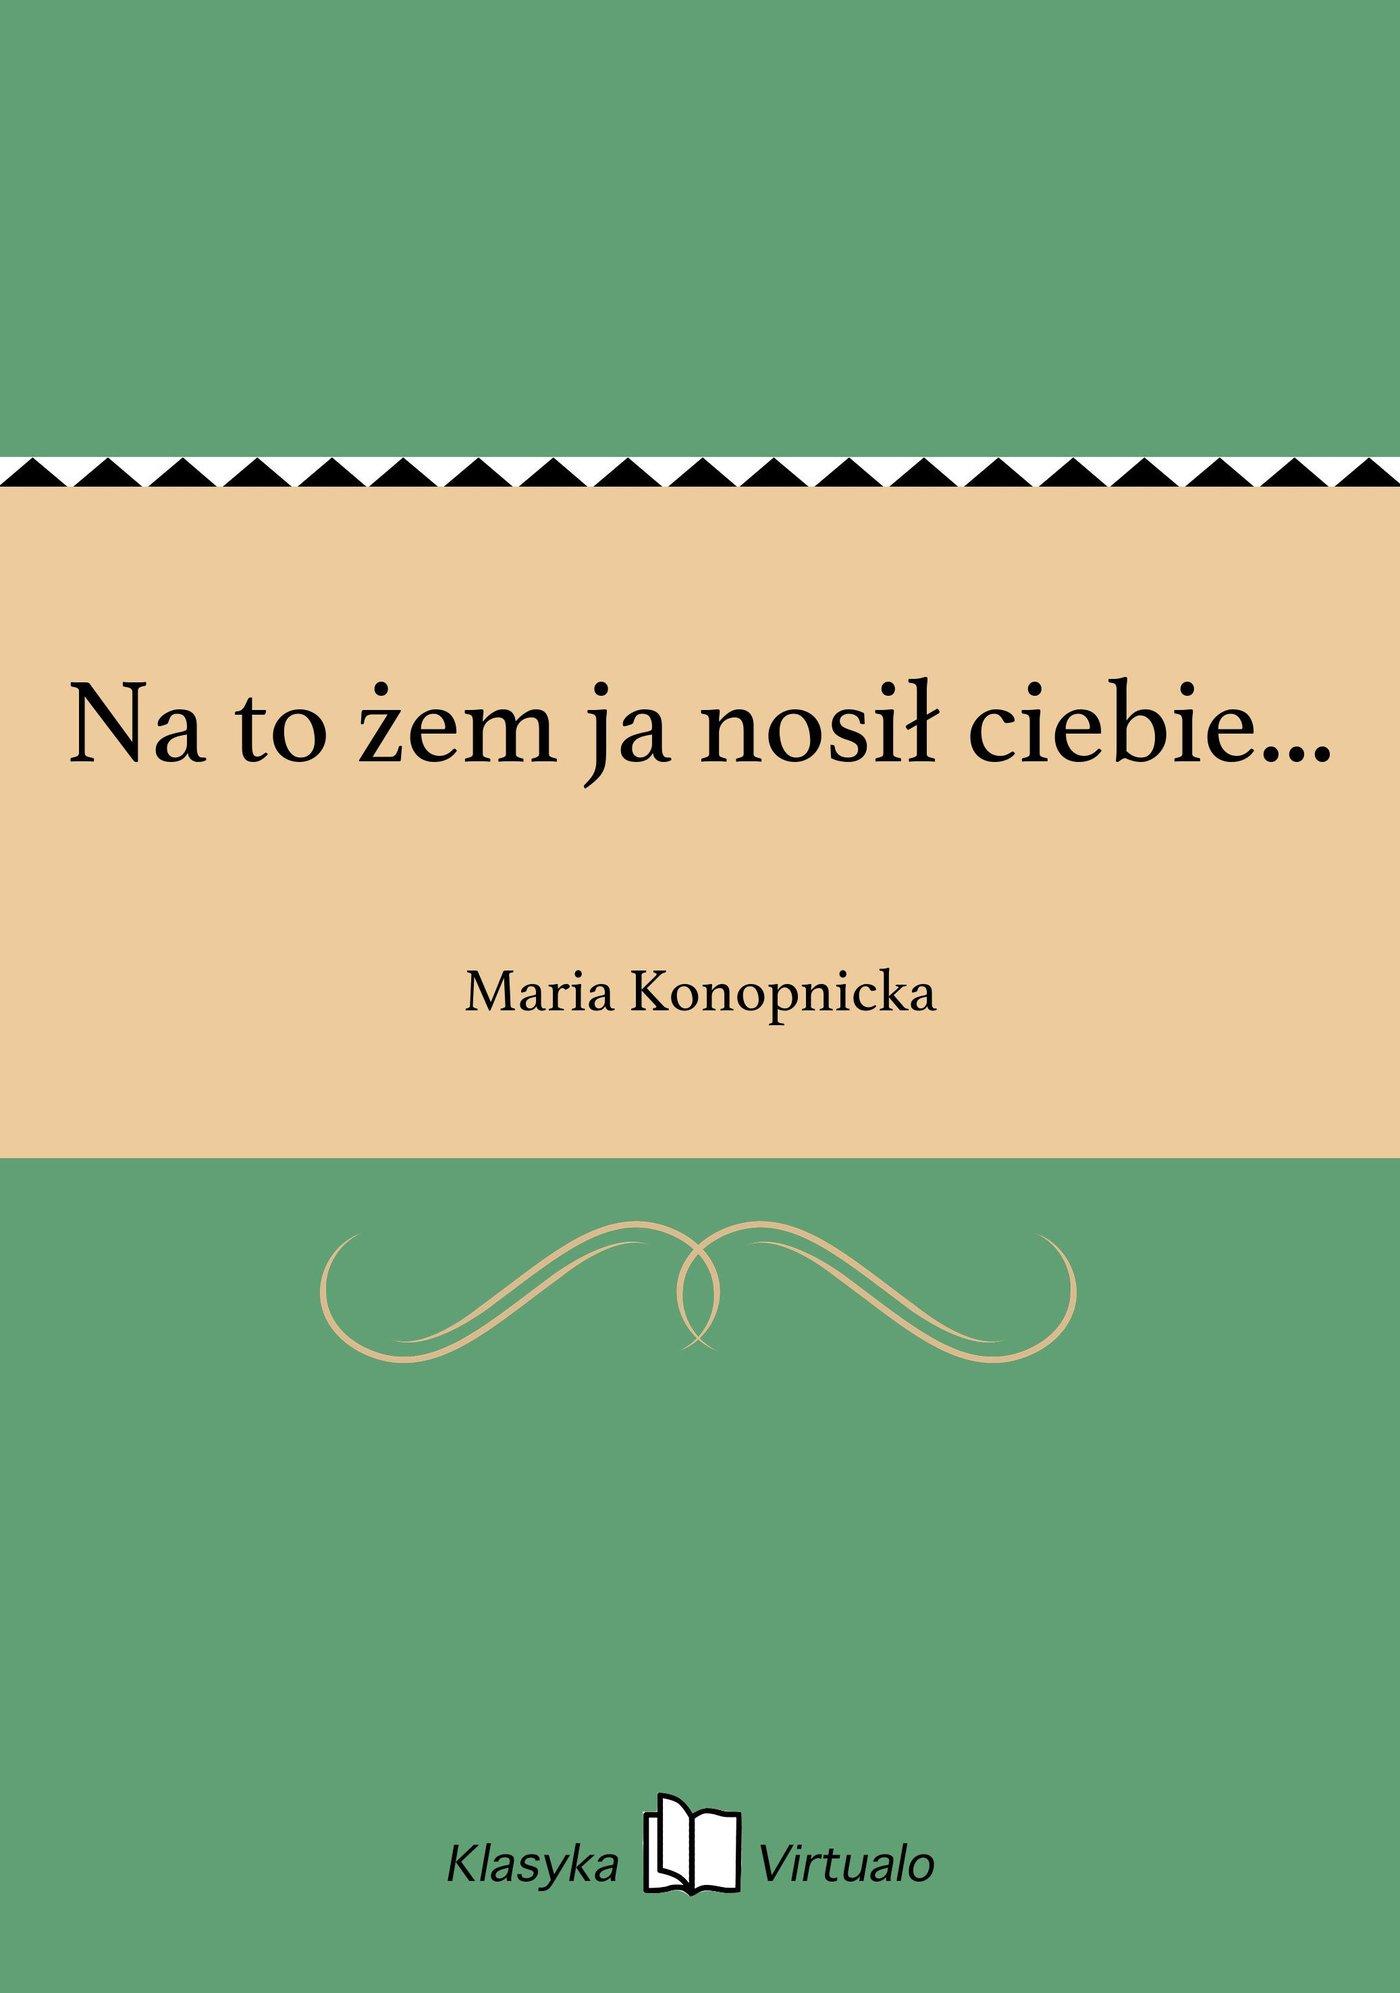 Na to żem ja nosił ciebie... - Ebook (Książka na Kindle) do pobrania w formacie MOBI